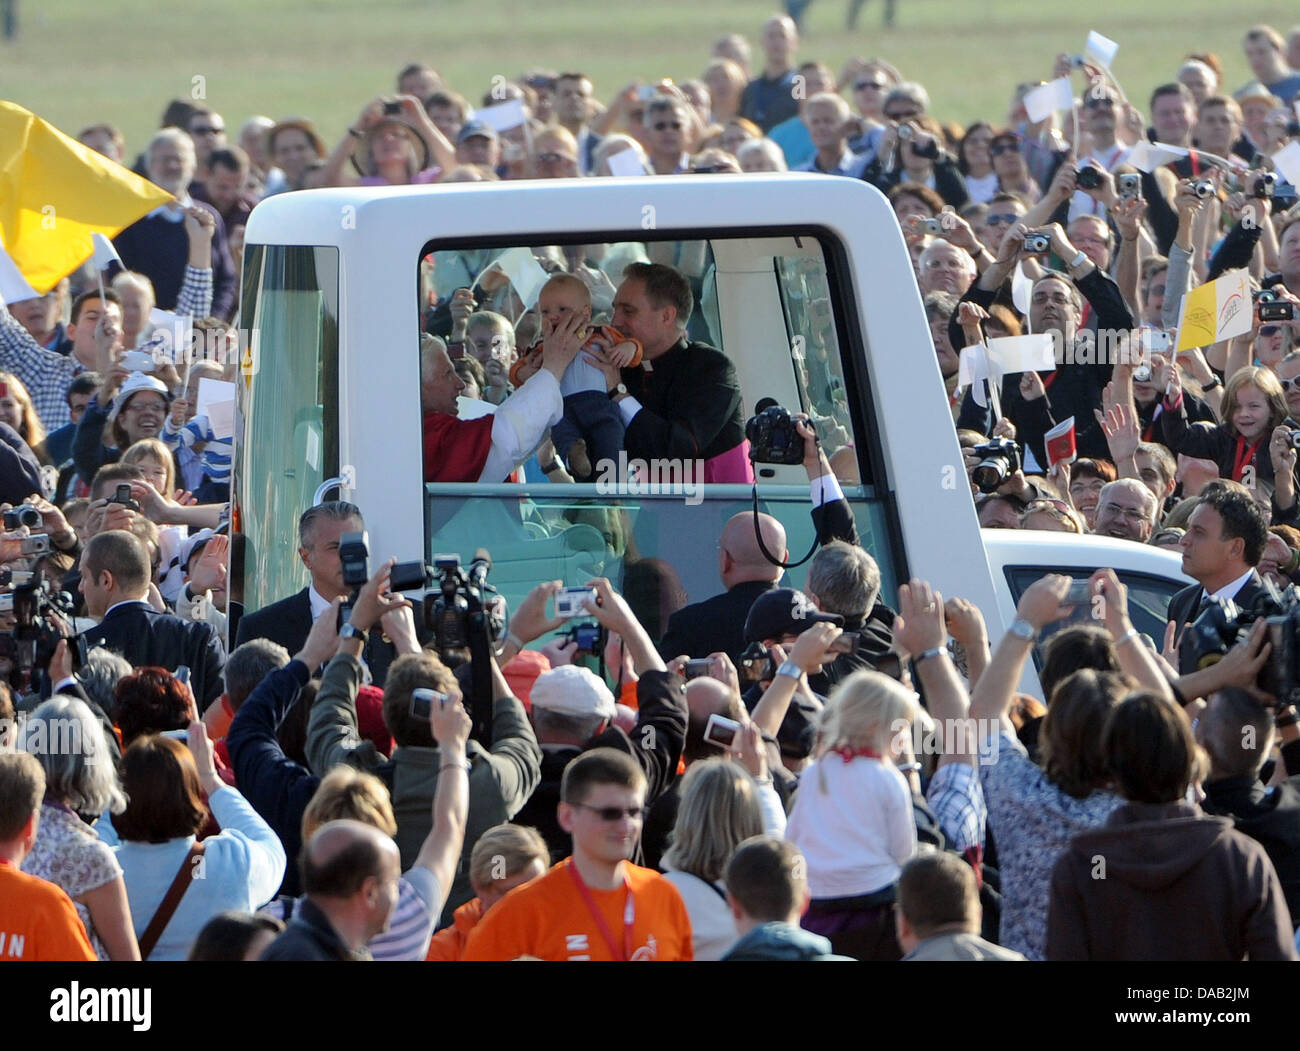 7e8f3a0f6 ... sul suo modo di celebrare la messa in un ex campo di aviazione a  Friburgo in Germania, 25 settembre 2011. Il capo della Chiesa Cattolica  Romana si ...